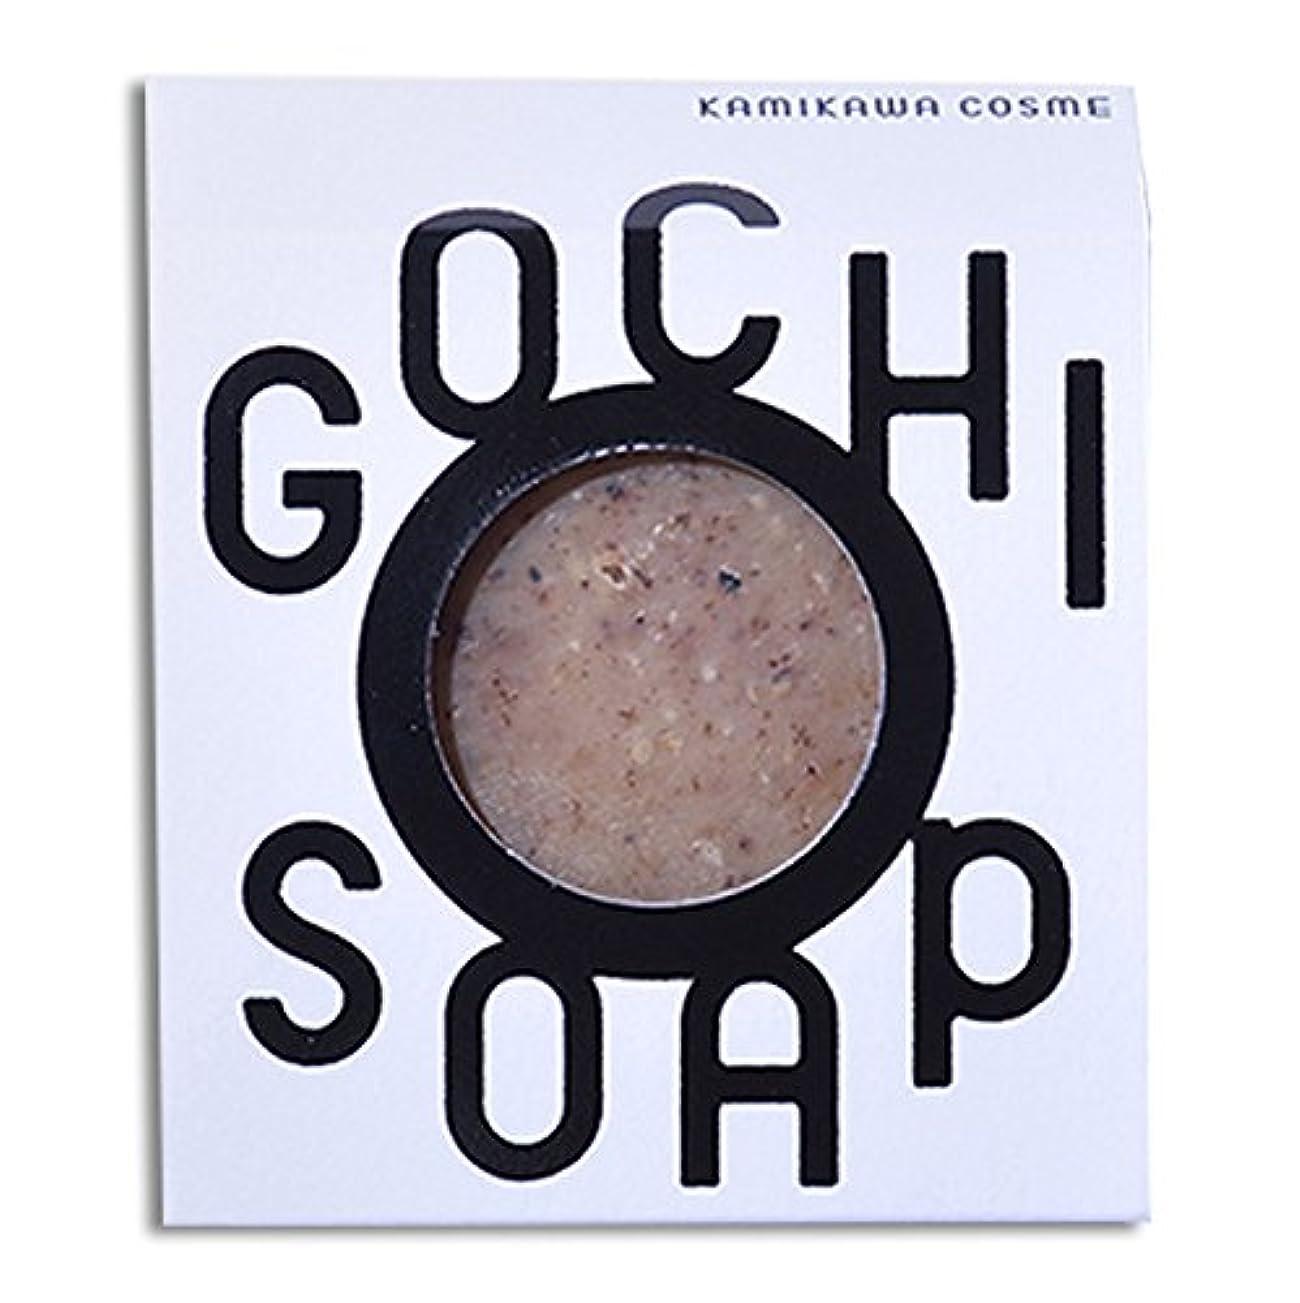 強化する部族ひねくれた道北の素材を使用したコスメブランド GOCHI SOAP(上森米穀店の黒米ぬかソープ?谷口農場のトマトソープ)各1個セット